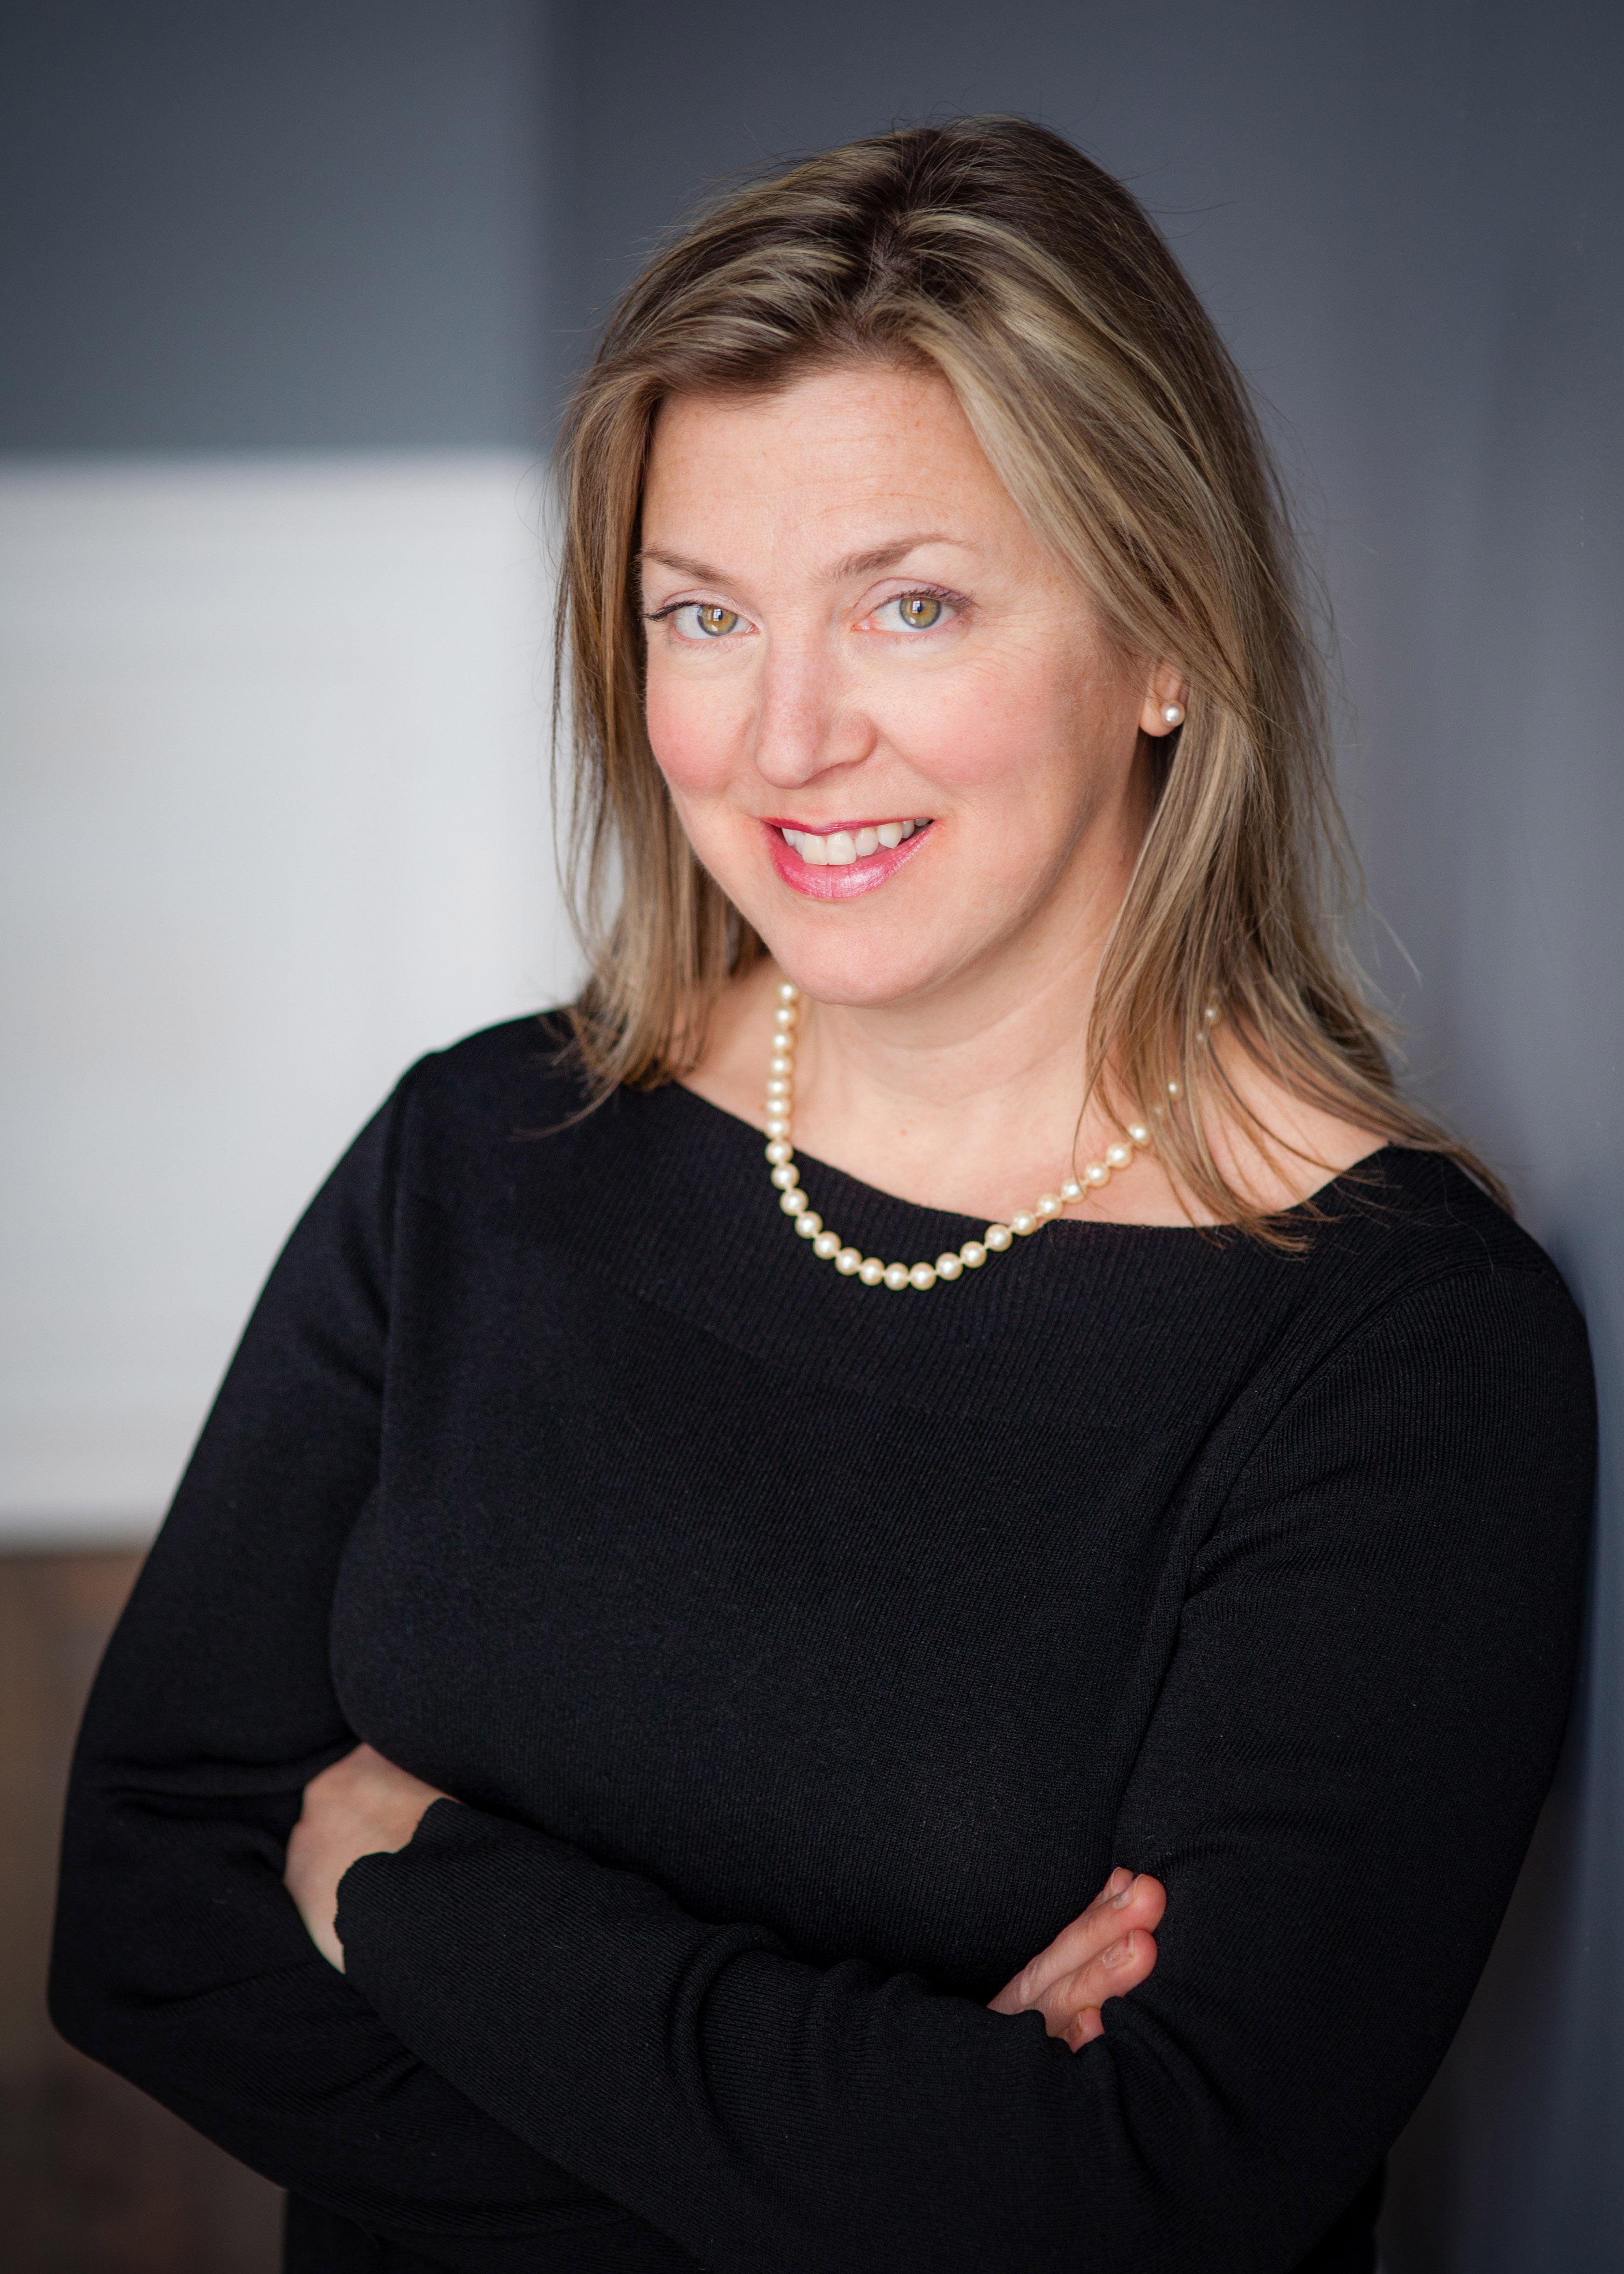 Amy Heflin profile image